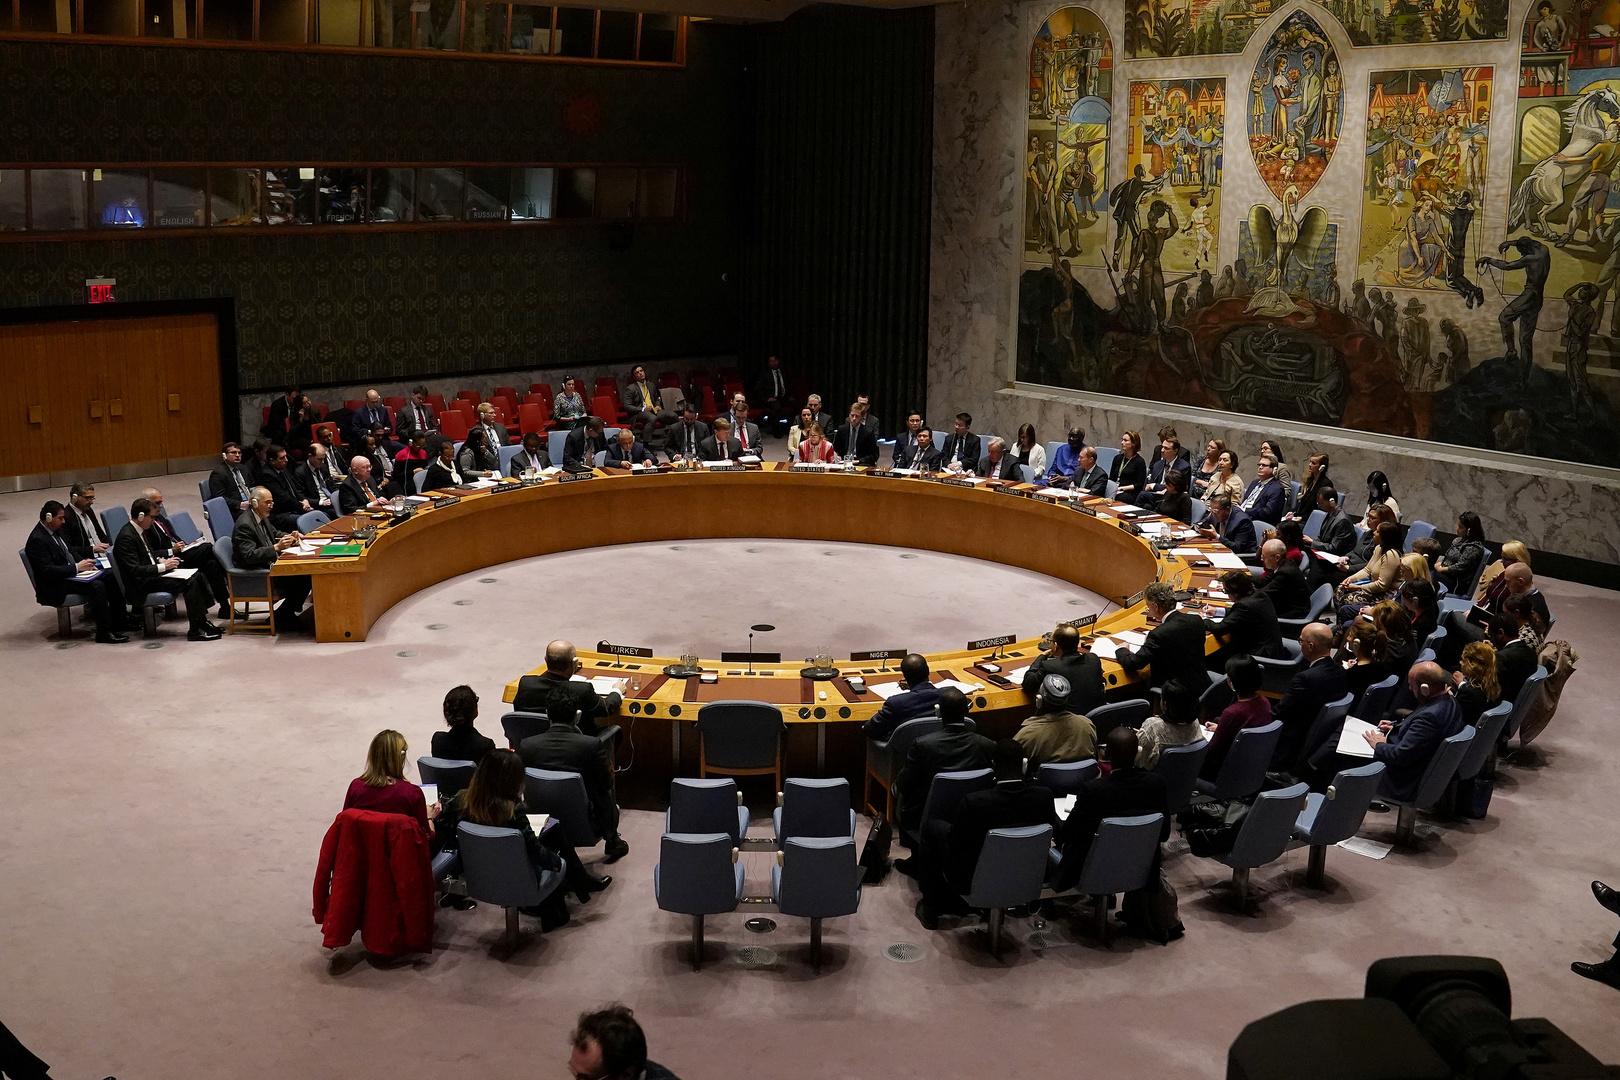 روسيا والصين تستخدمان الفيتو ضد مشروع قرار لنقل مساعدات لسوريا من تركيا